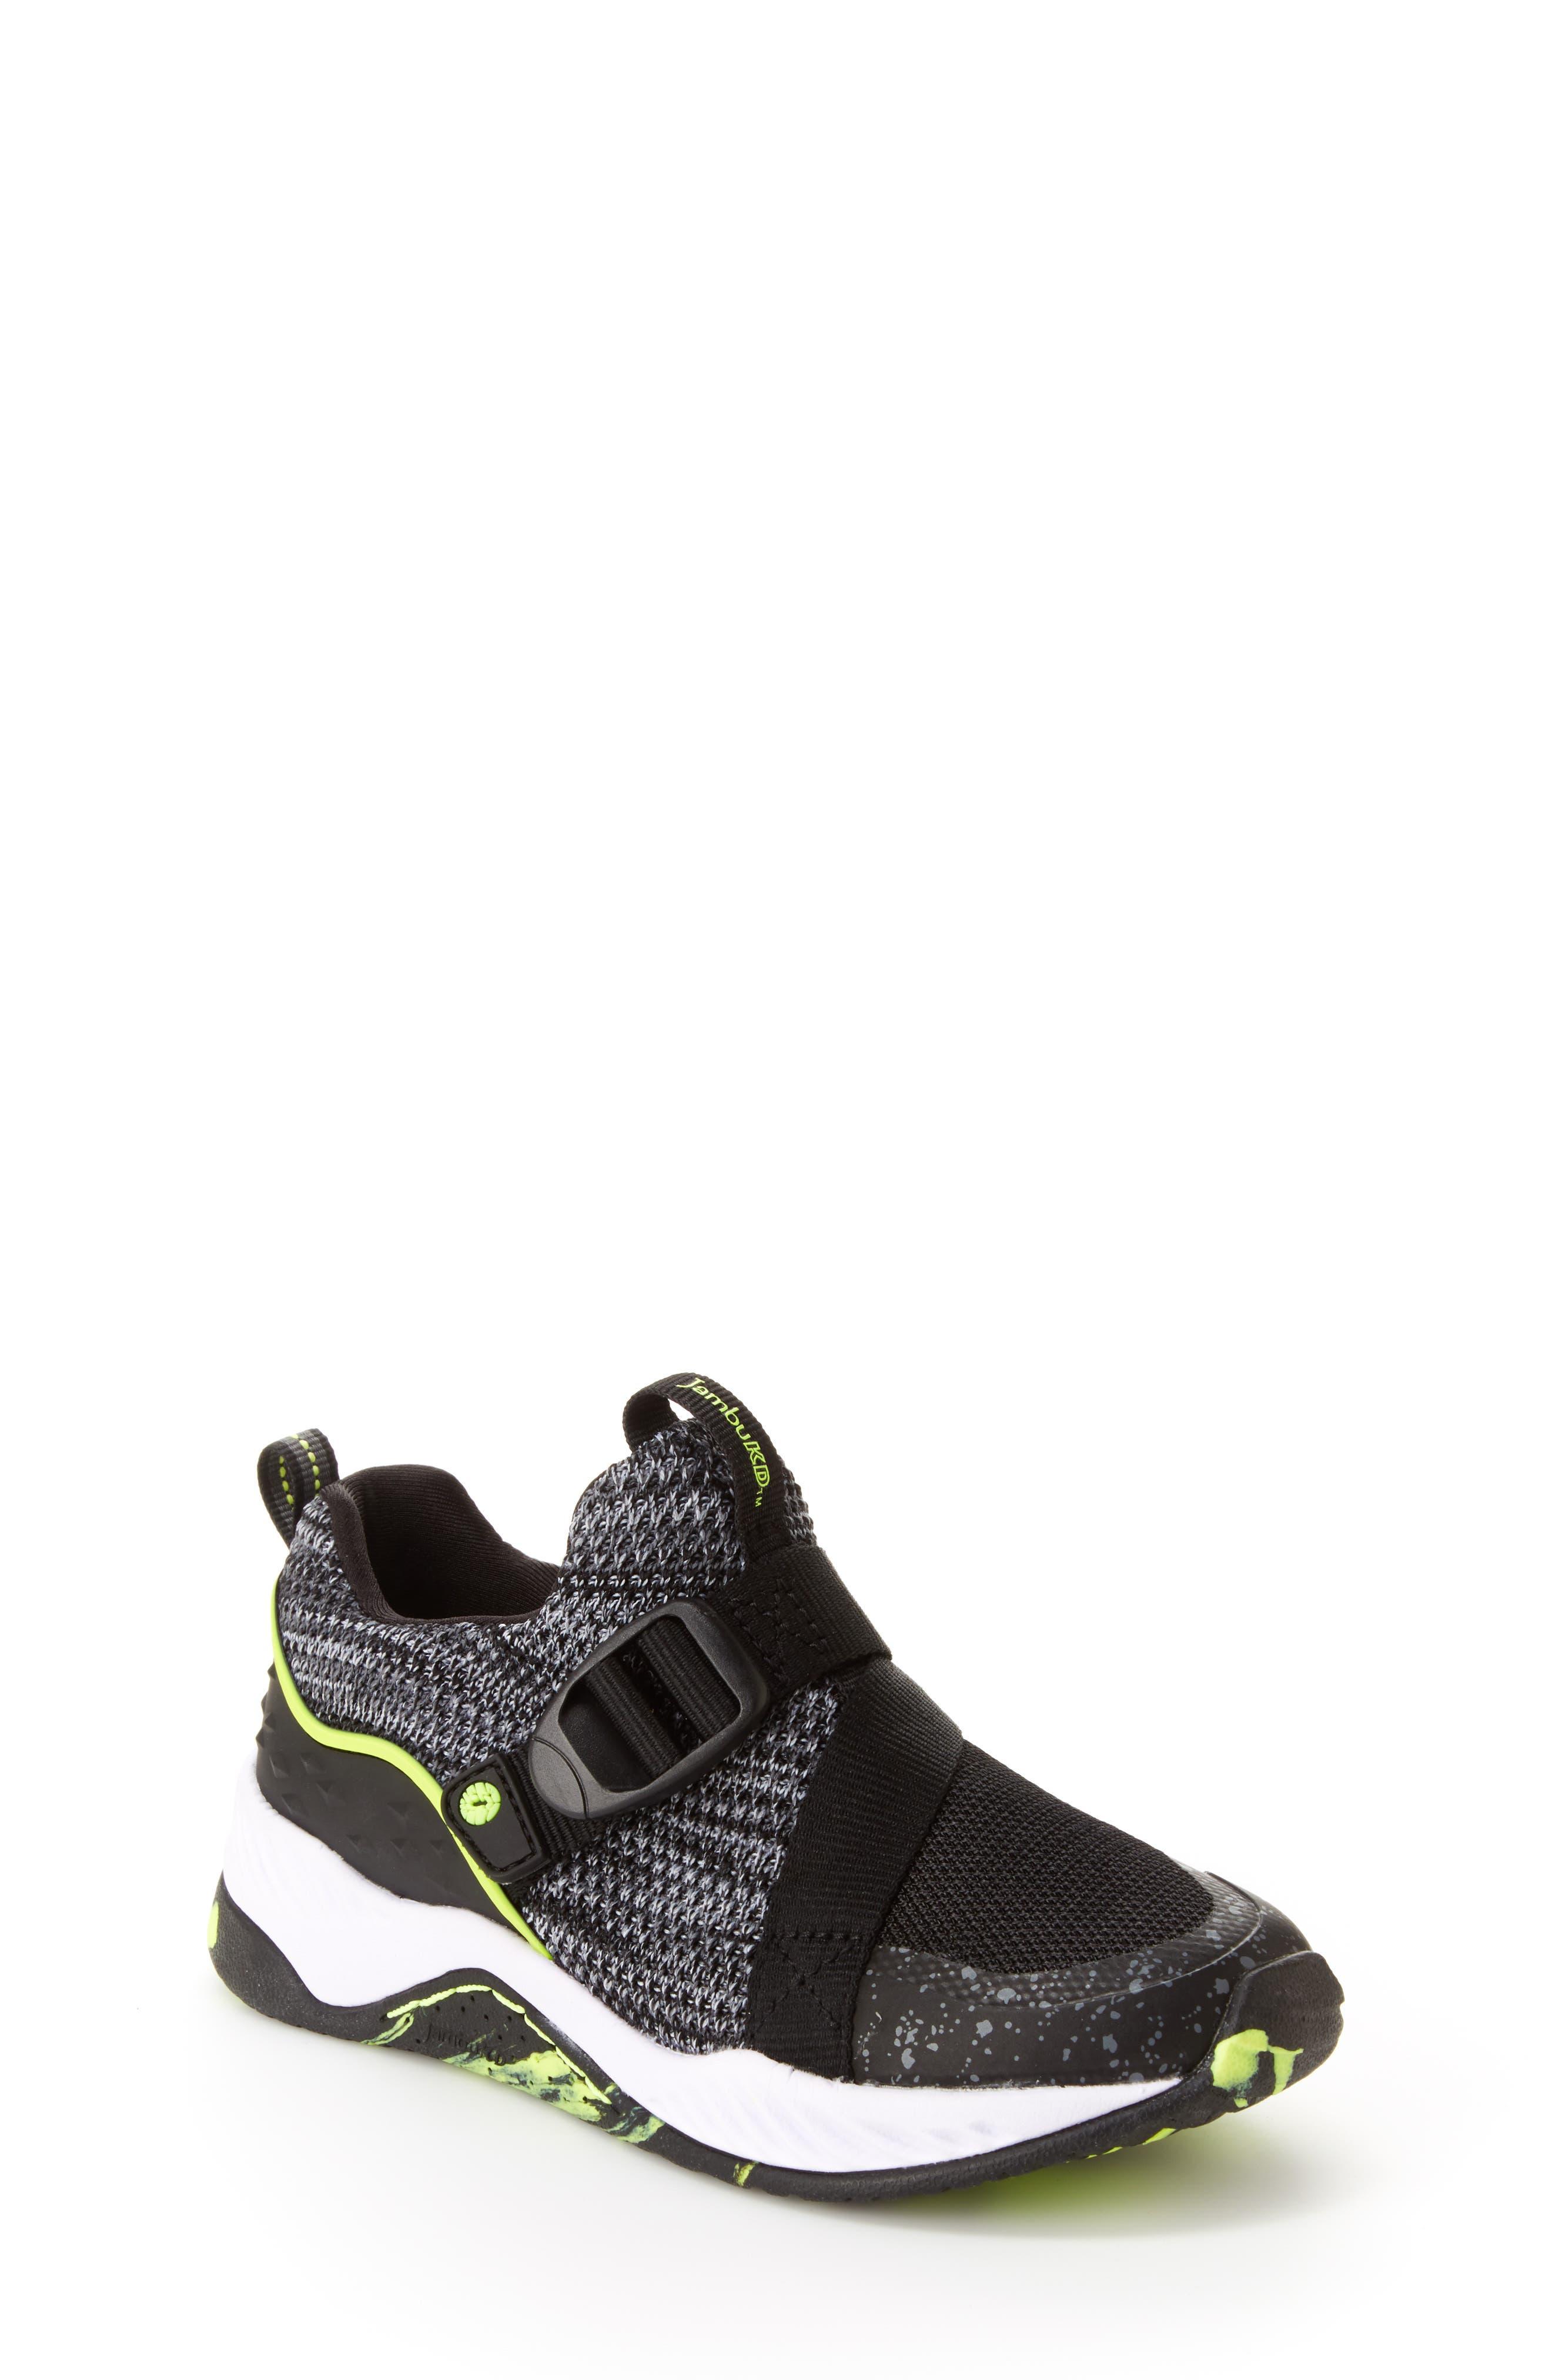 JAMBU Rowan Sneaker, Main, color, 001